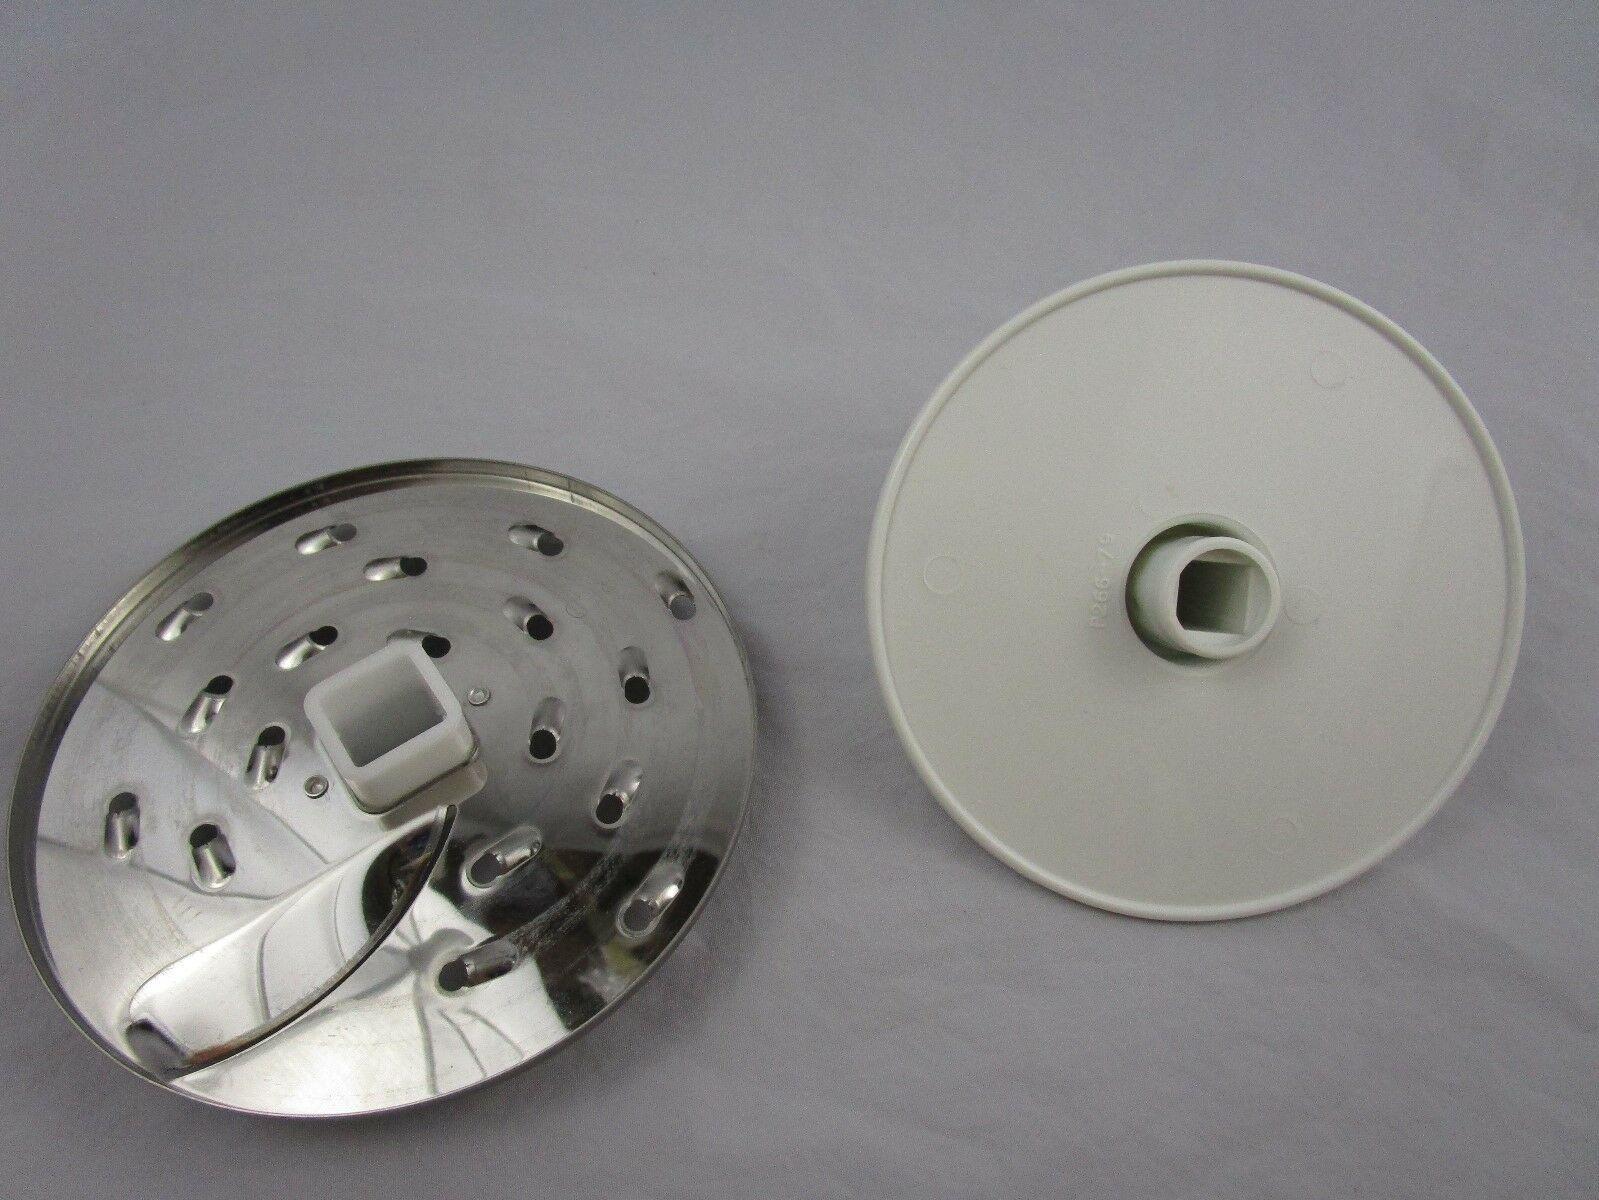 West Bend High Performance Food Processor 6500 Slicer Disc Disc Slinger &Pusher - $10.00